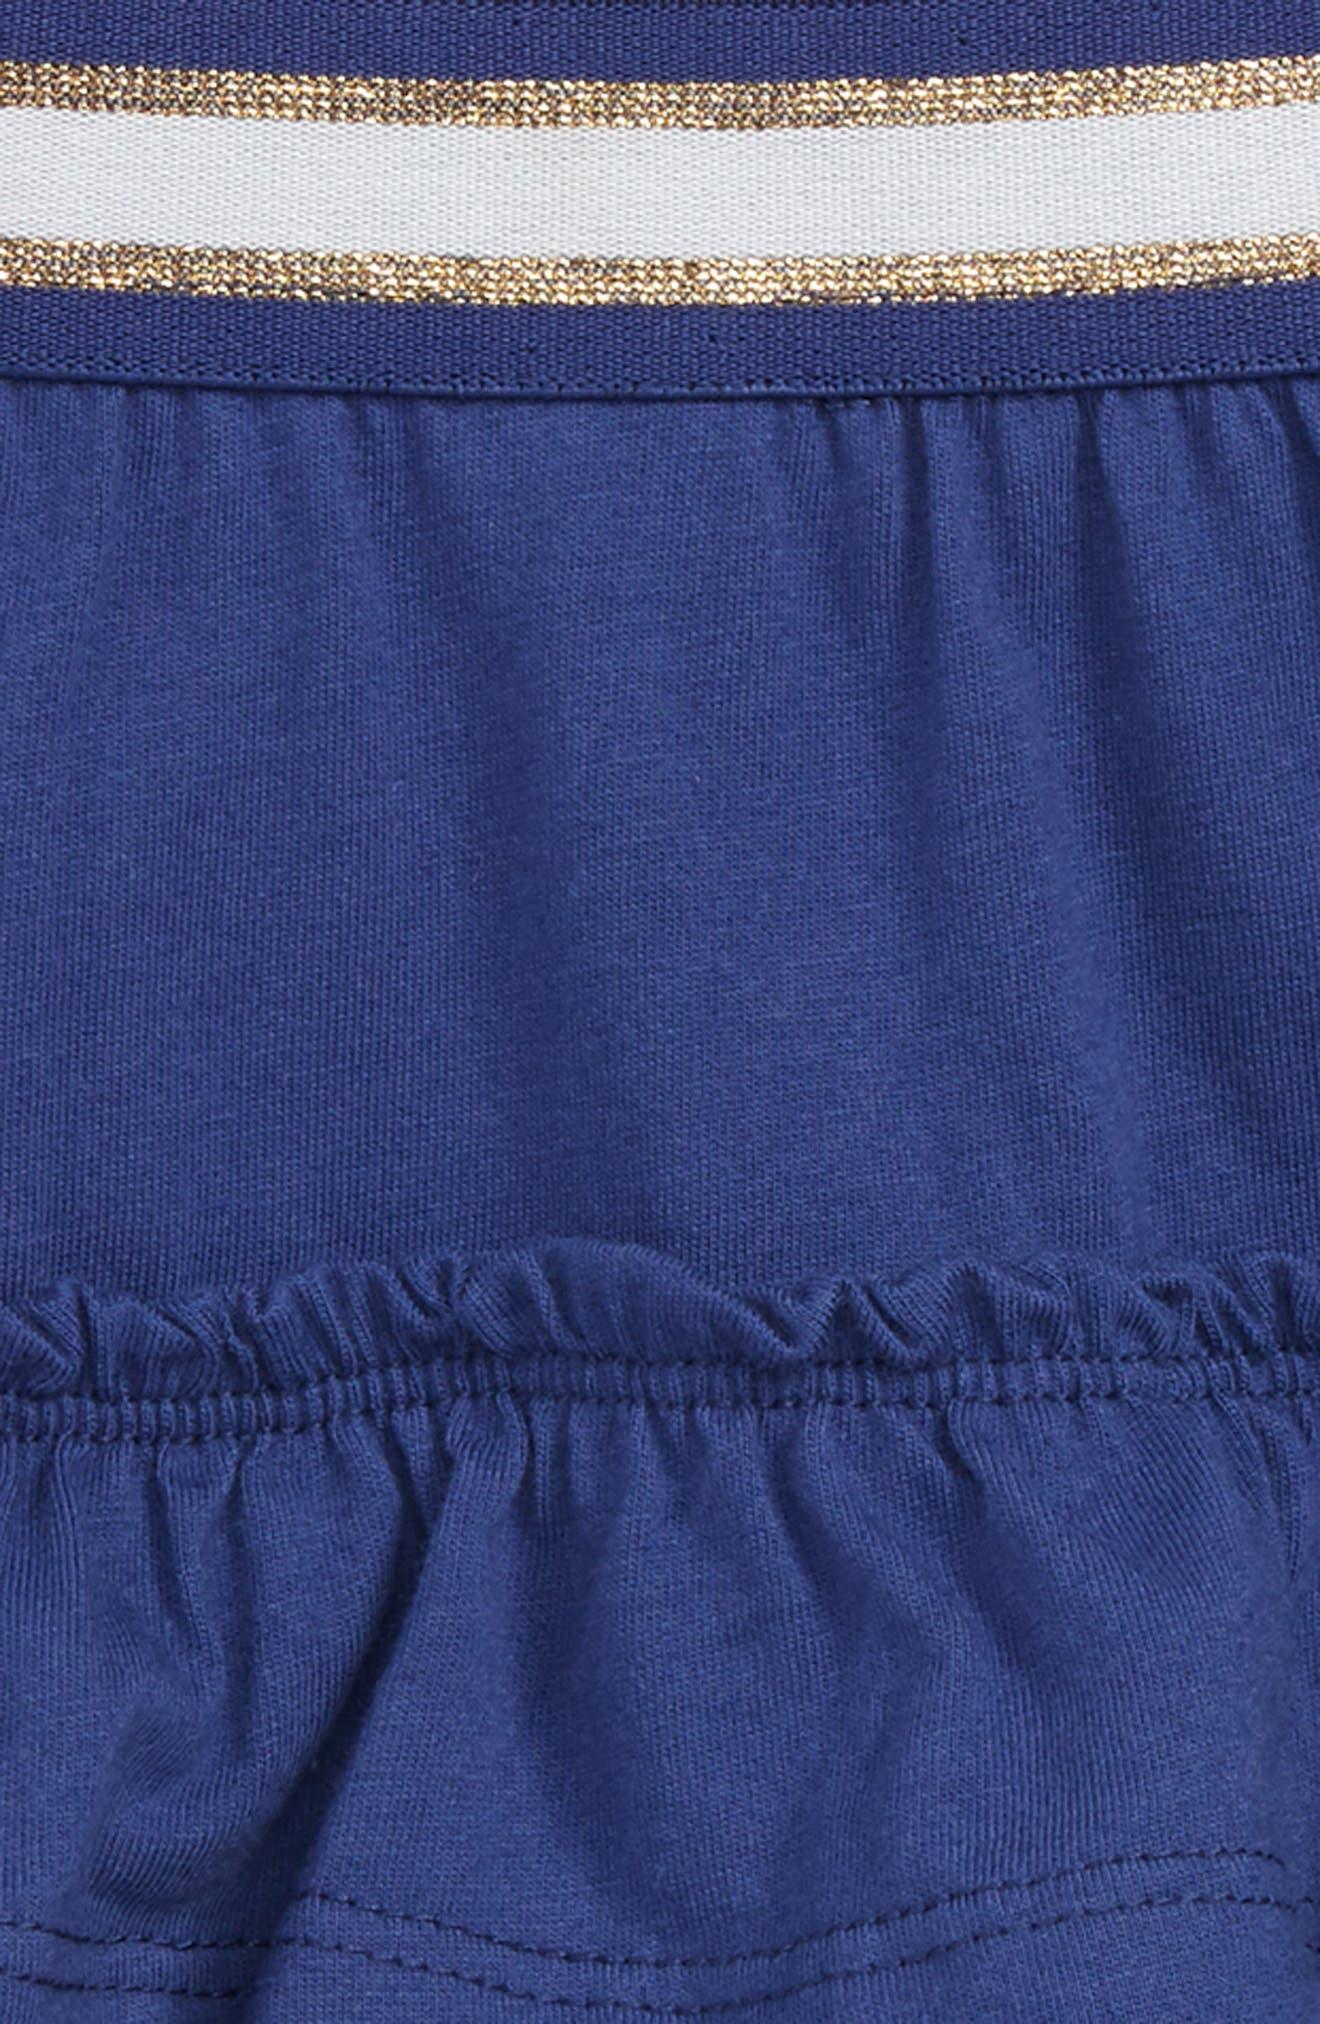 Ruffle Skort,                             Alternate thumbnail 2, color,                             Indstarboard Blue